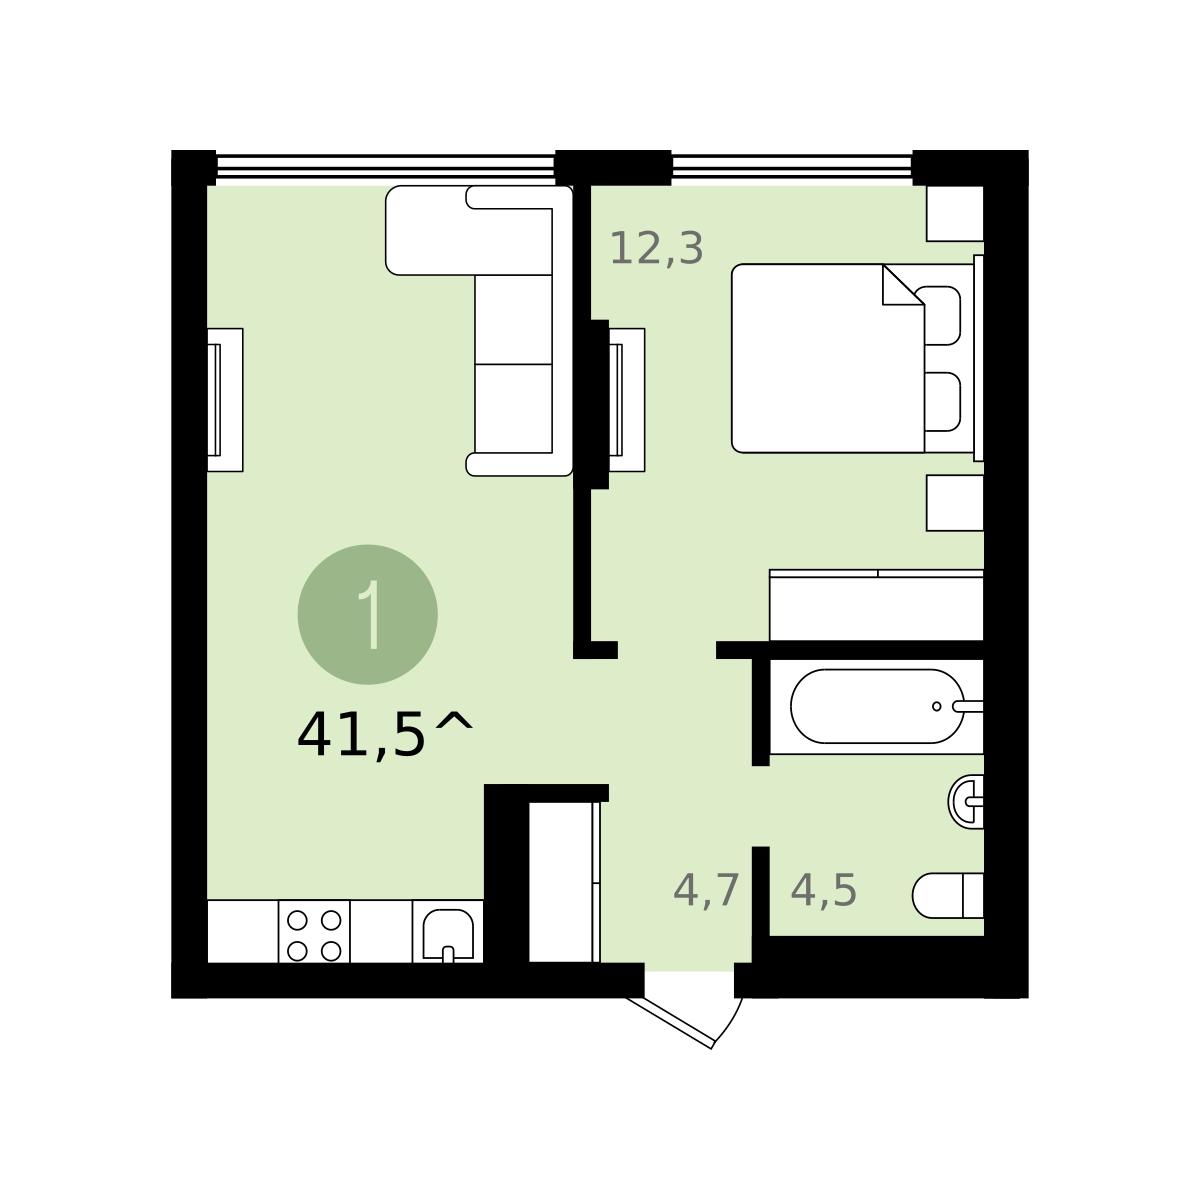 1 комнатная квартира  на КПД в районе 50 лет Октября, ул. 50 лет Октября, 57В, ЖК «Новин», г. Тюмень